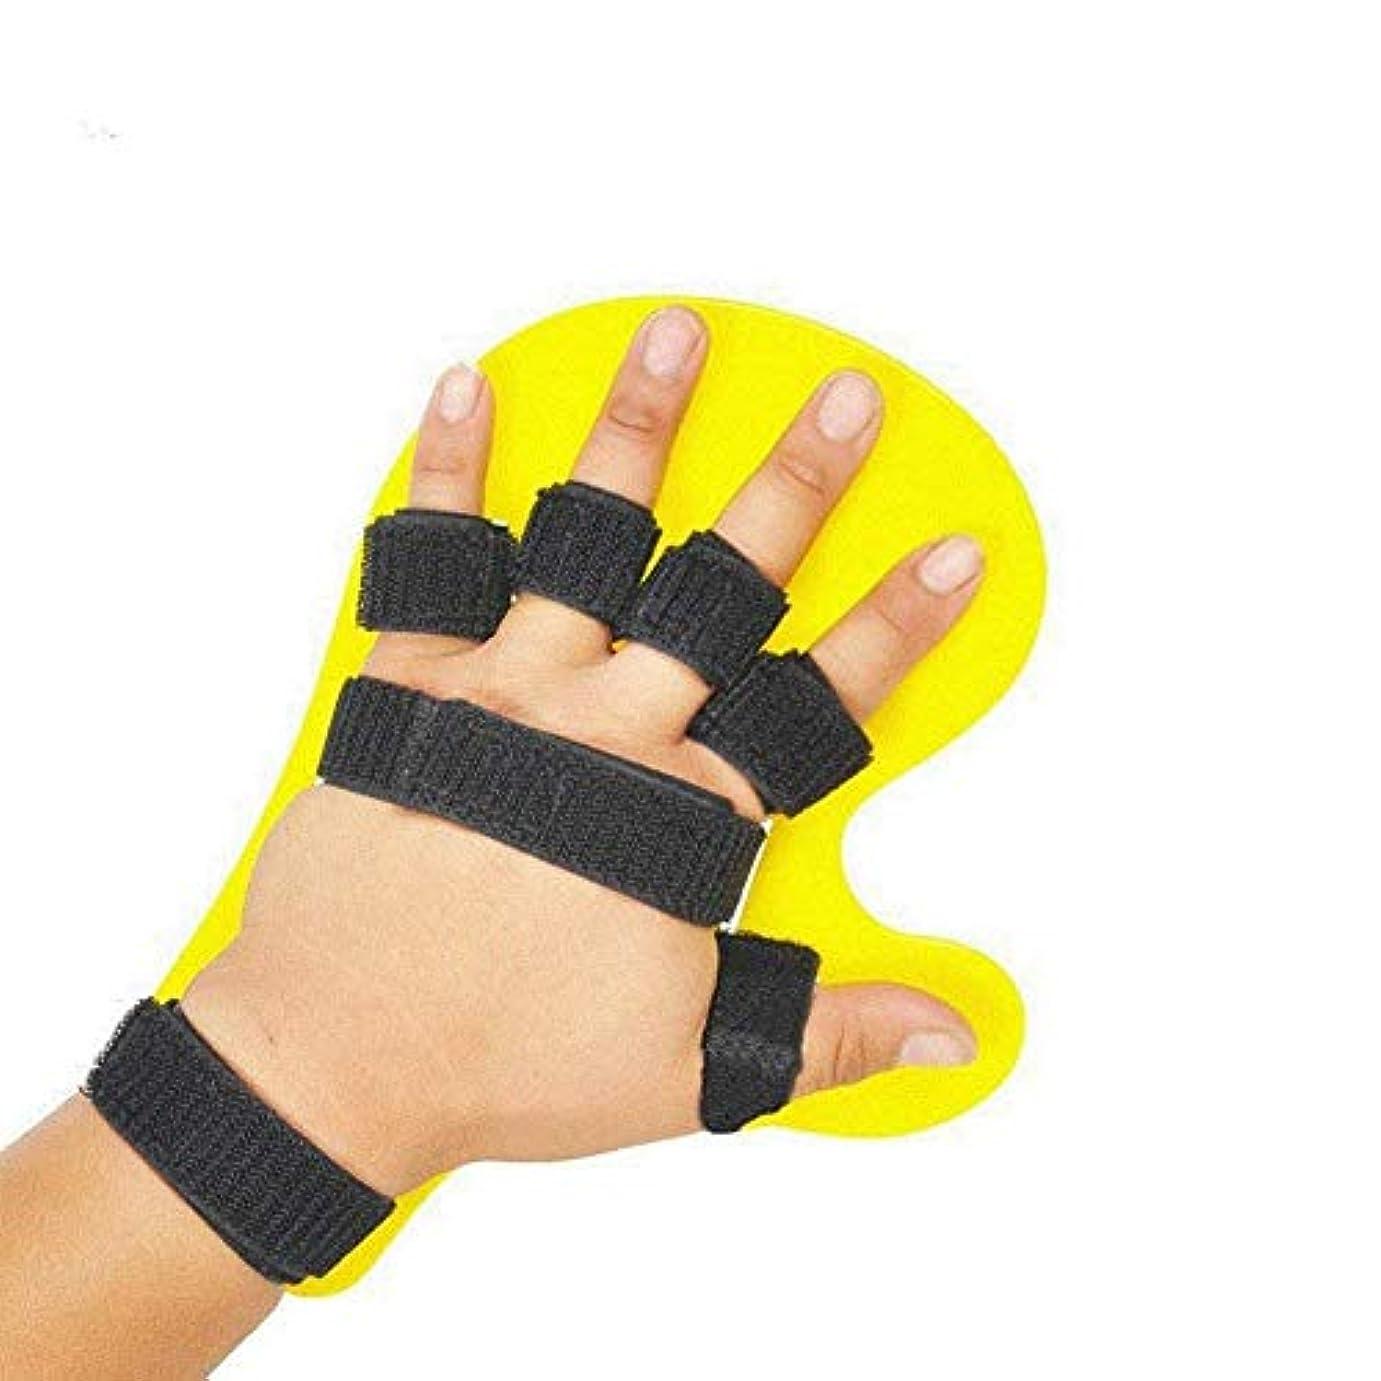 メイン受信不適切な片麻痺の患者を支援するためのトリガー指スプリント、指板ハンドトレーニングABS調整可能な指リハビリ,2PCS